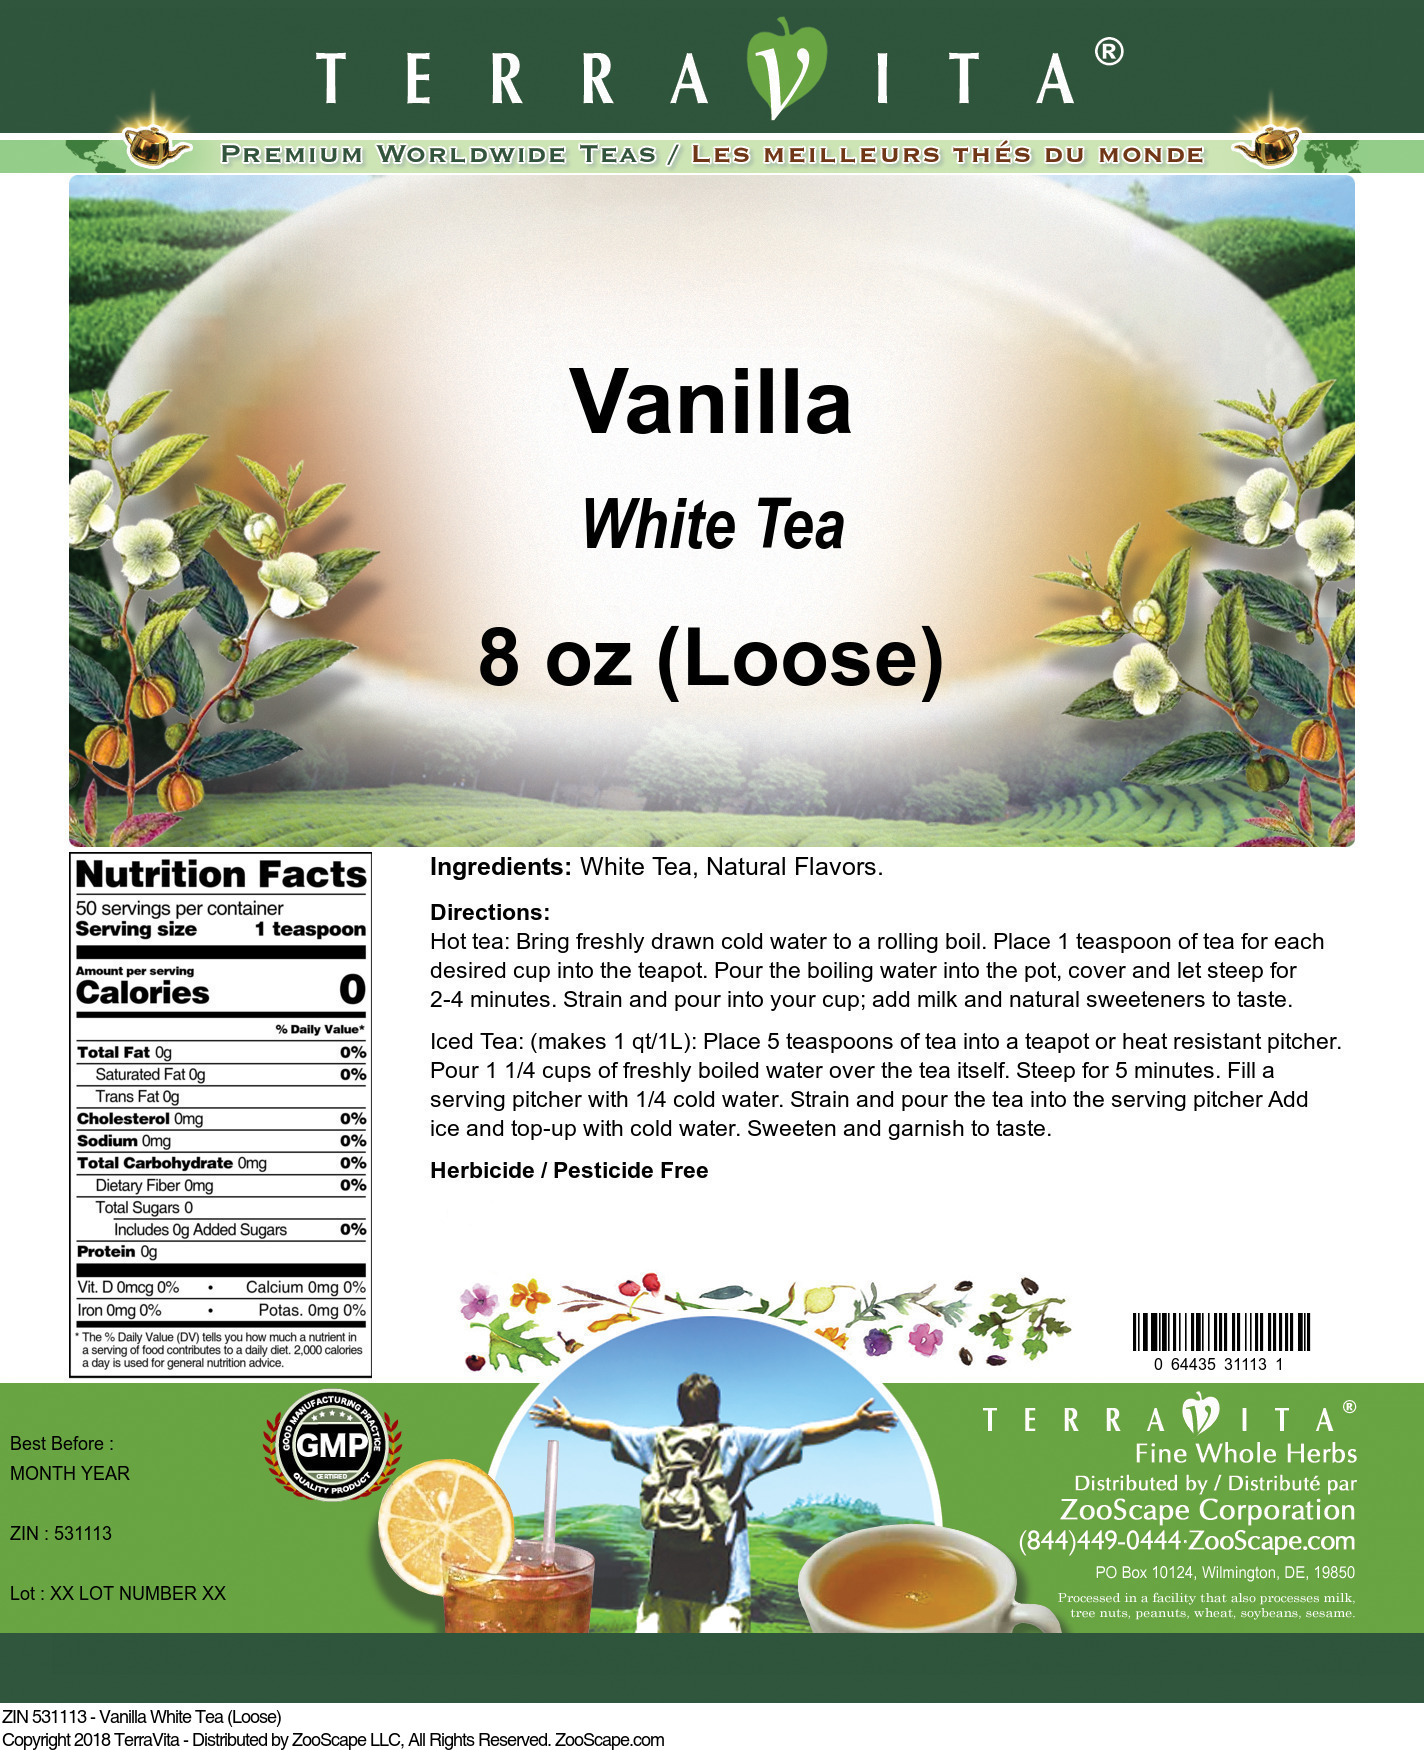 Vanilla White Tea (Loose)